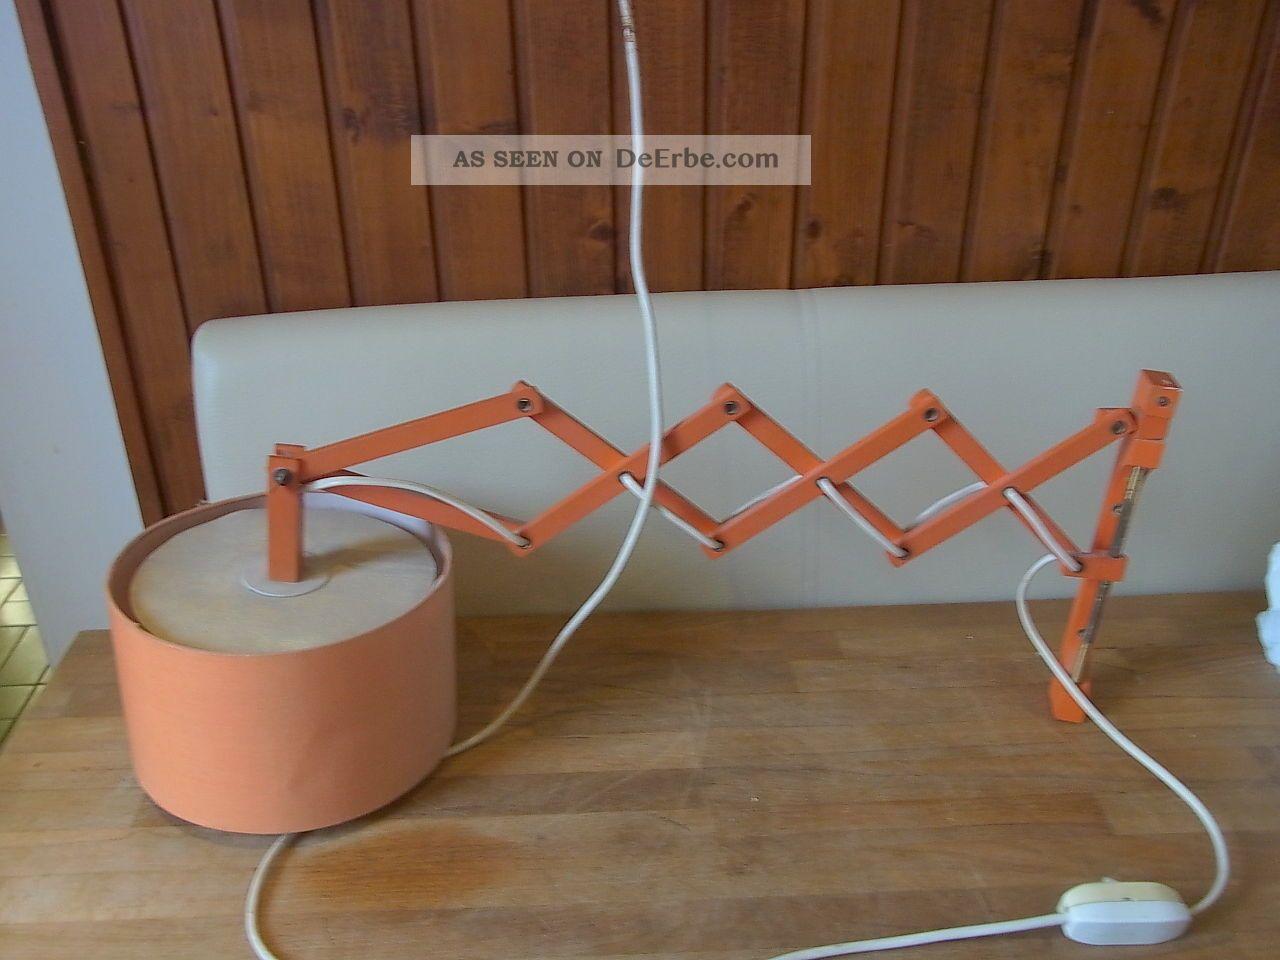 scheren lampe holz orange leuchte wandmontage 60er jahre d nemark funktioniert. Black Bedroom Furniture Sets. Home Design Ideas